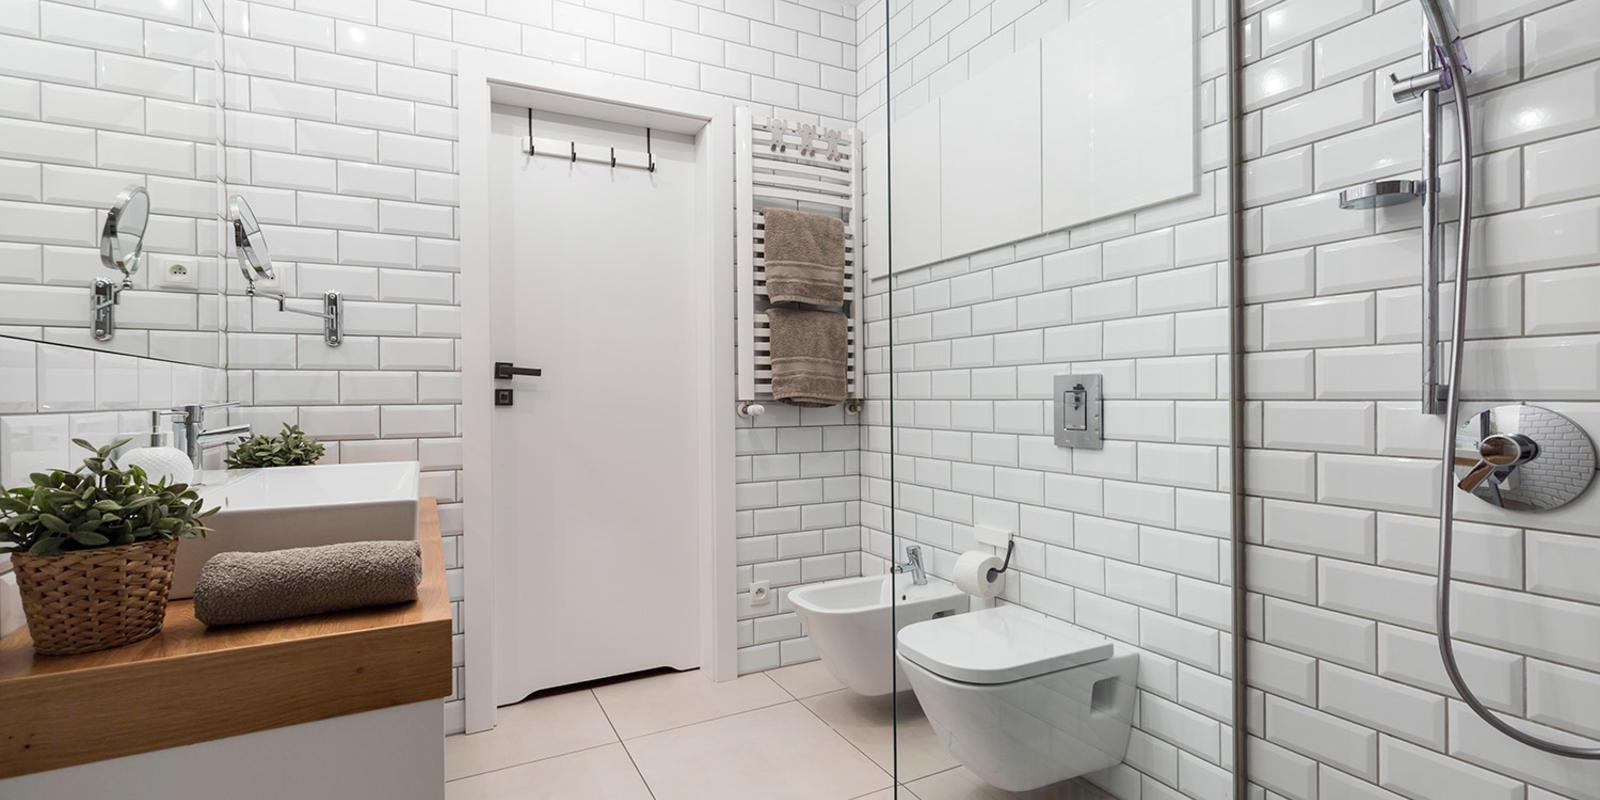 droomrenovatie badkamer